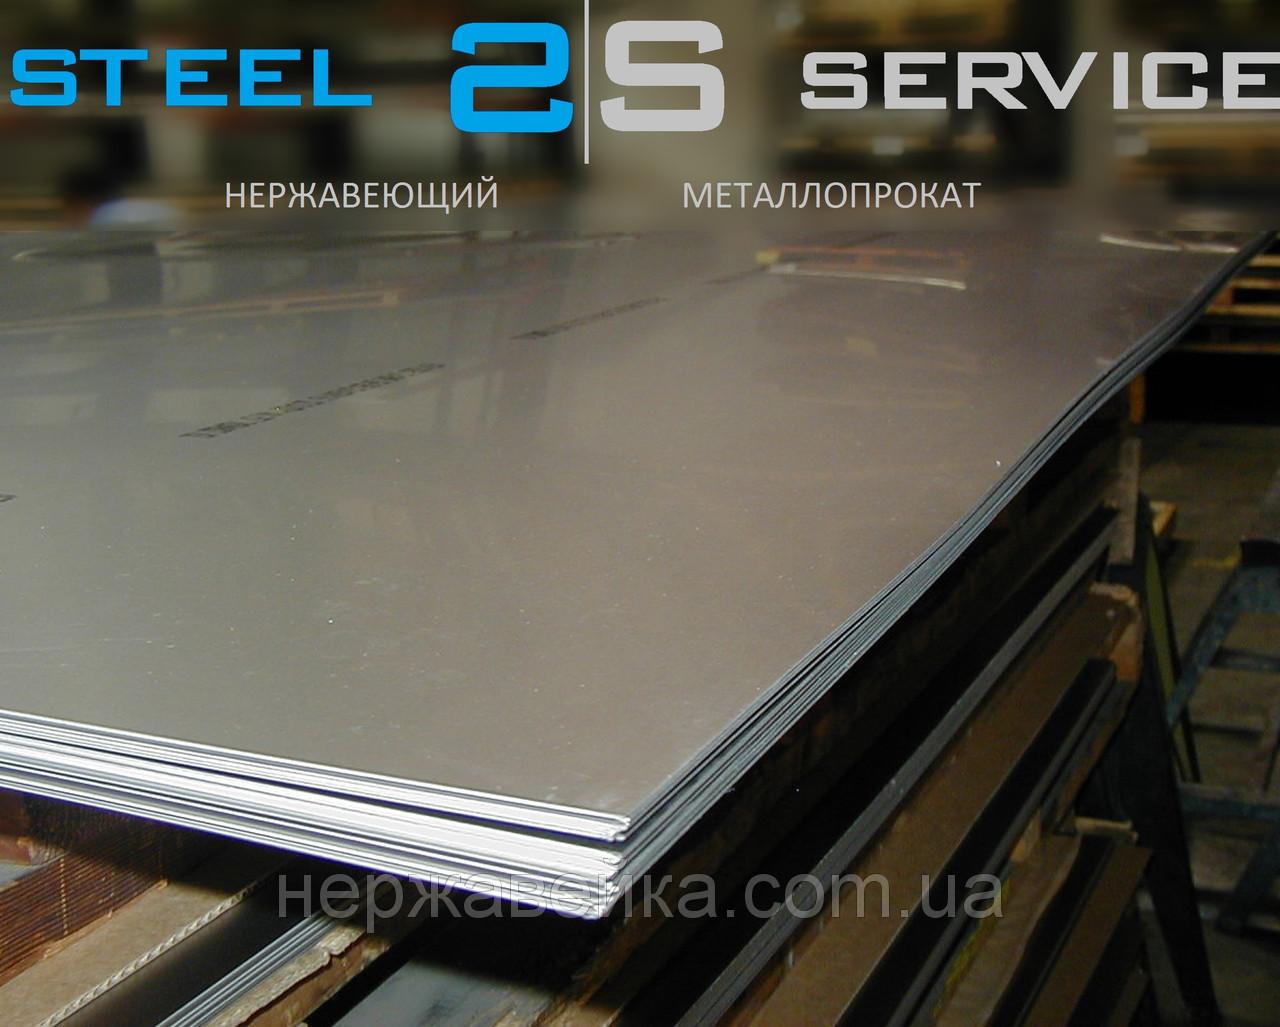 Нержавейка лист 1х1500х3000мм  AISI 309(20Х23Н13, 20Х20Н14С2) 2B - матовый,  жаропрочный